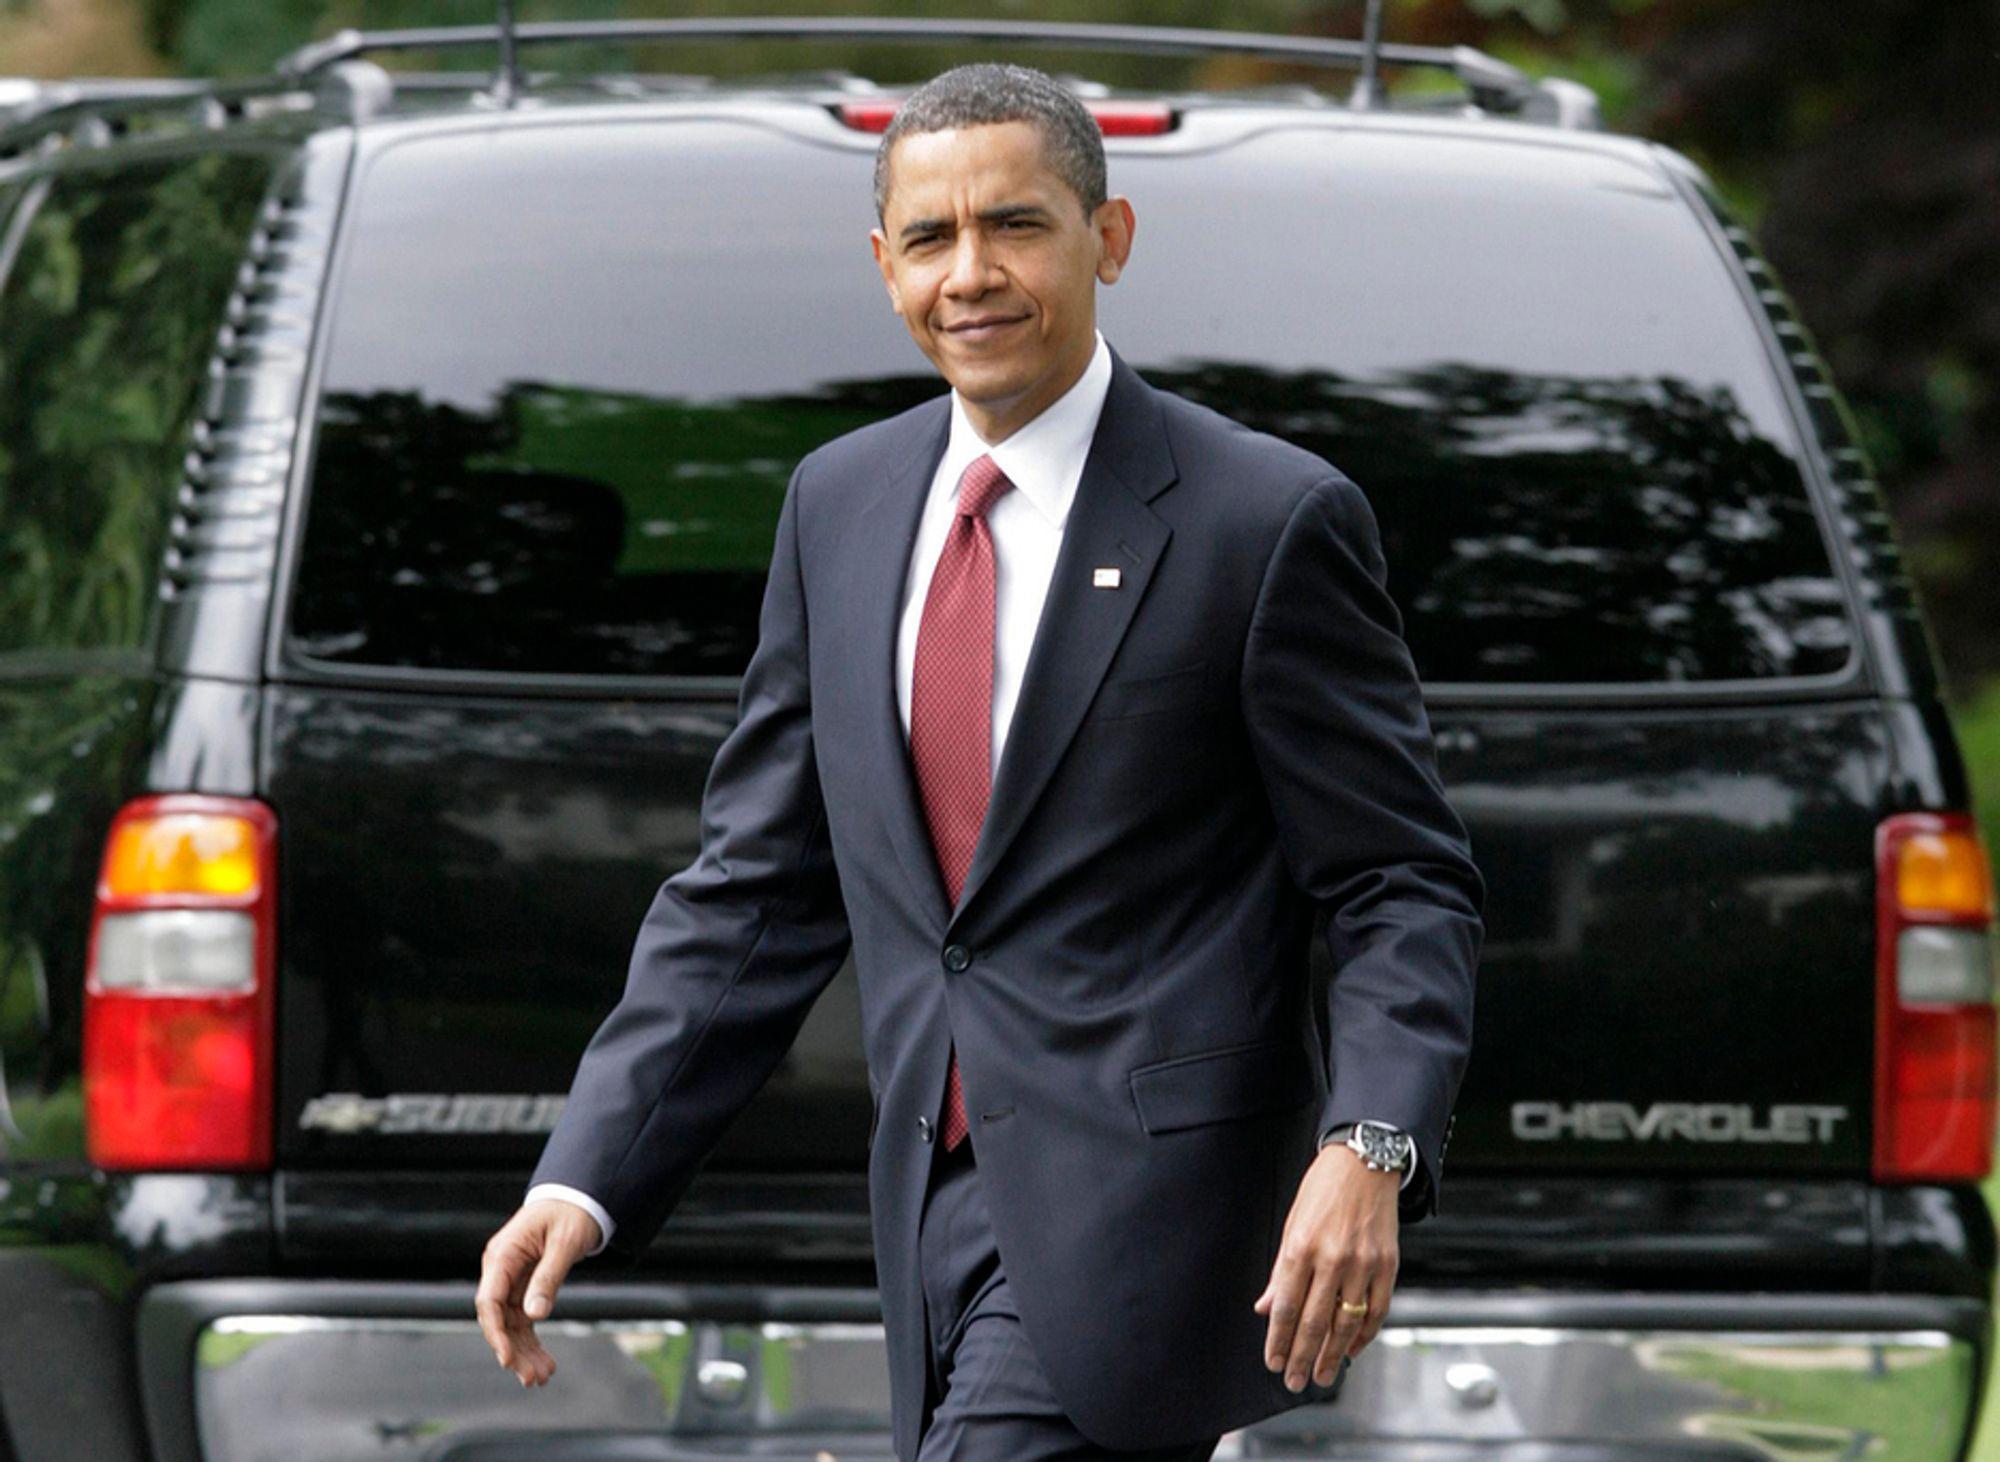 KAN FÅ KLIMALOV: Det har vært tvil om Obama-administrasjonen klarer å få på plass en klimalov før København-møtet. Etter flere møter mellom de amerikanske partiene er det mer optimisme.